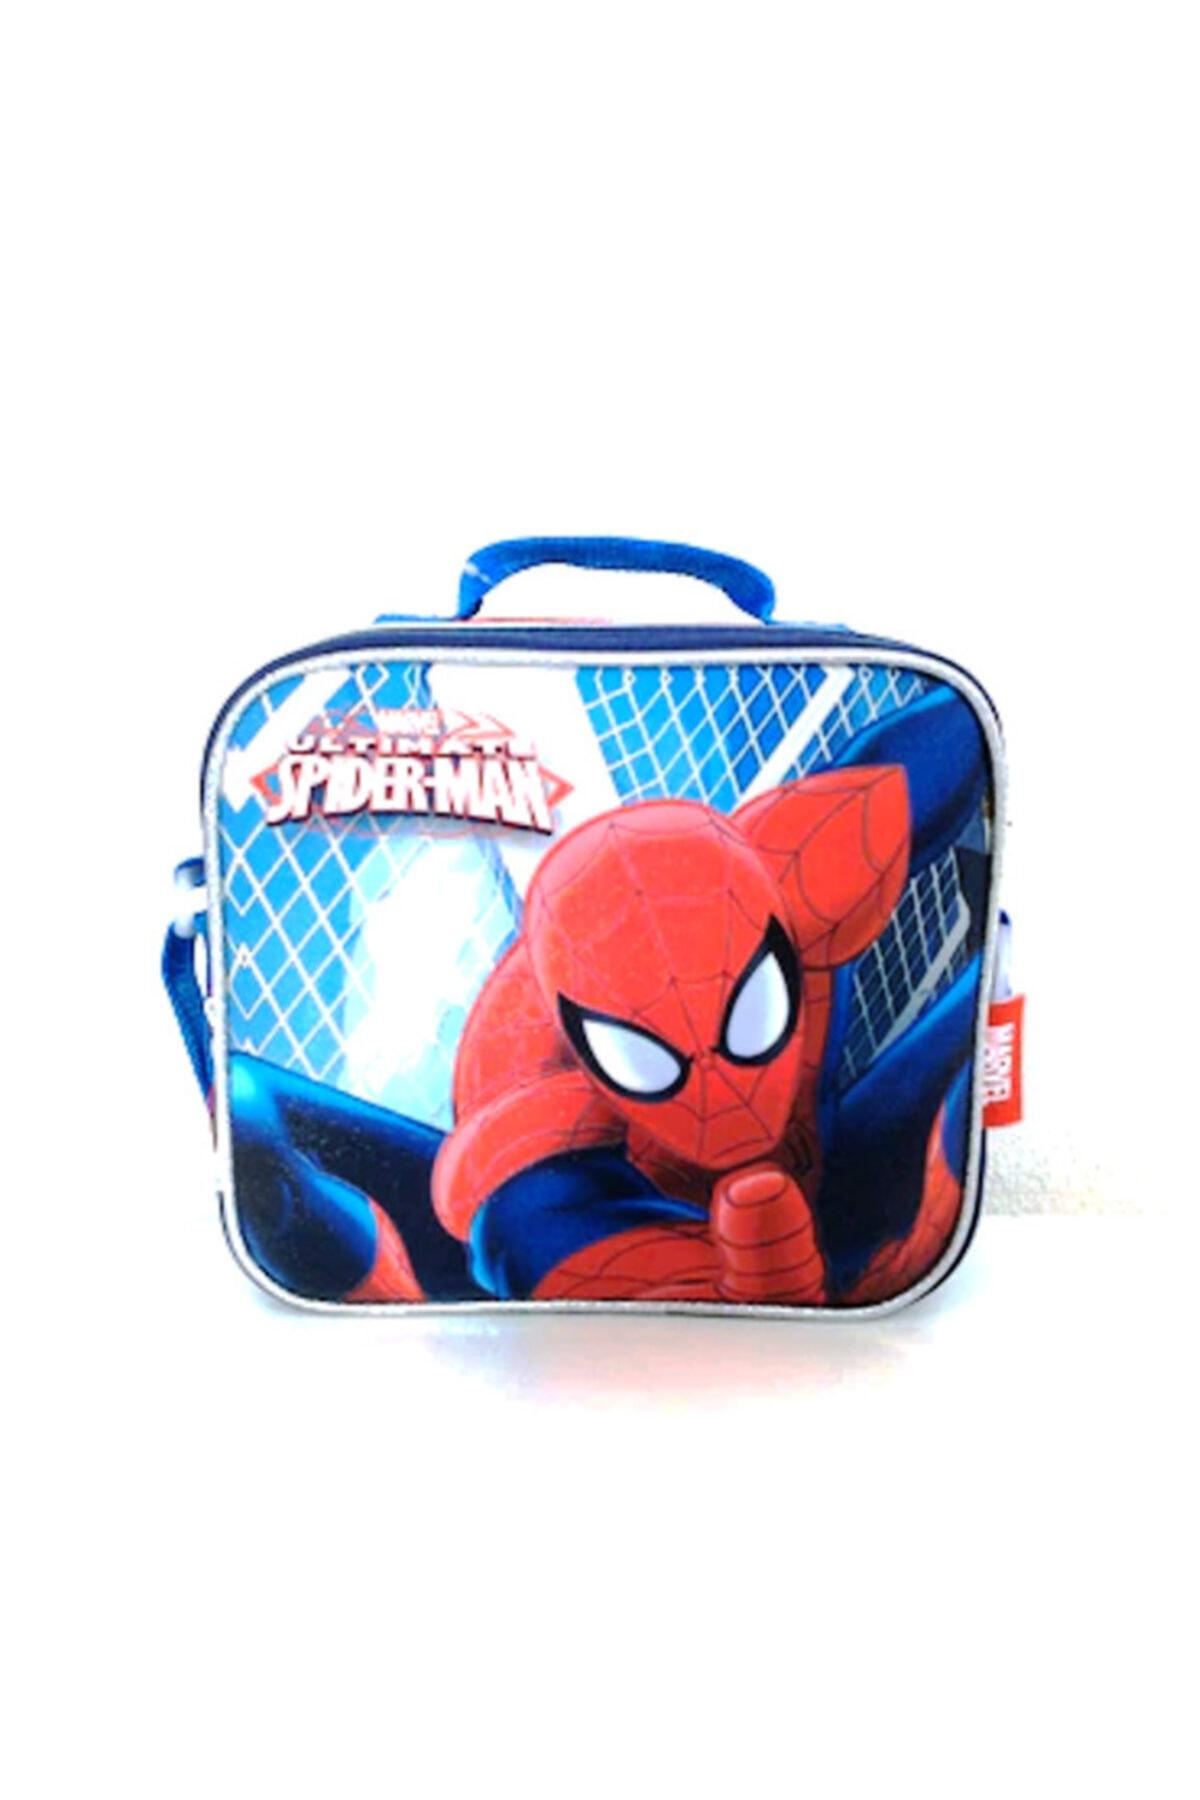 Hakan Çanta Orjınal Spiderman Beslenme Çantası 1